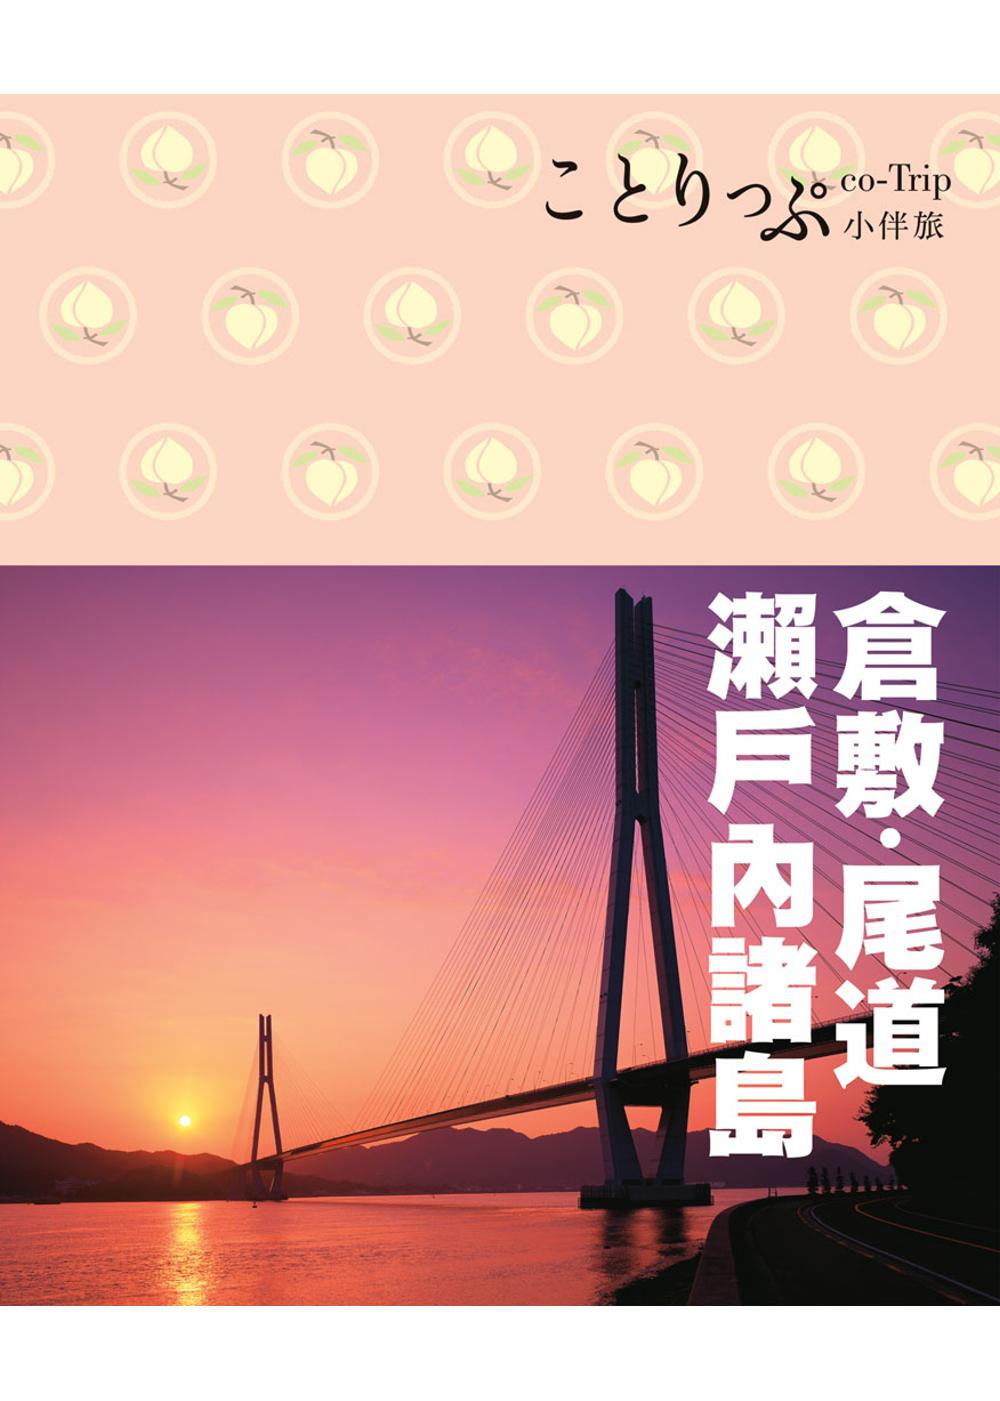 倉敷、尾道、瀨戶內諸島小伴旅:co-Trip日本系列24